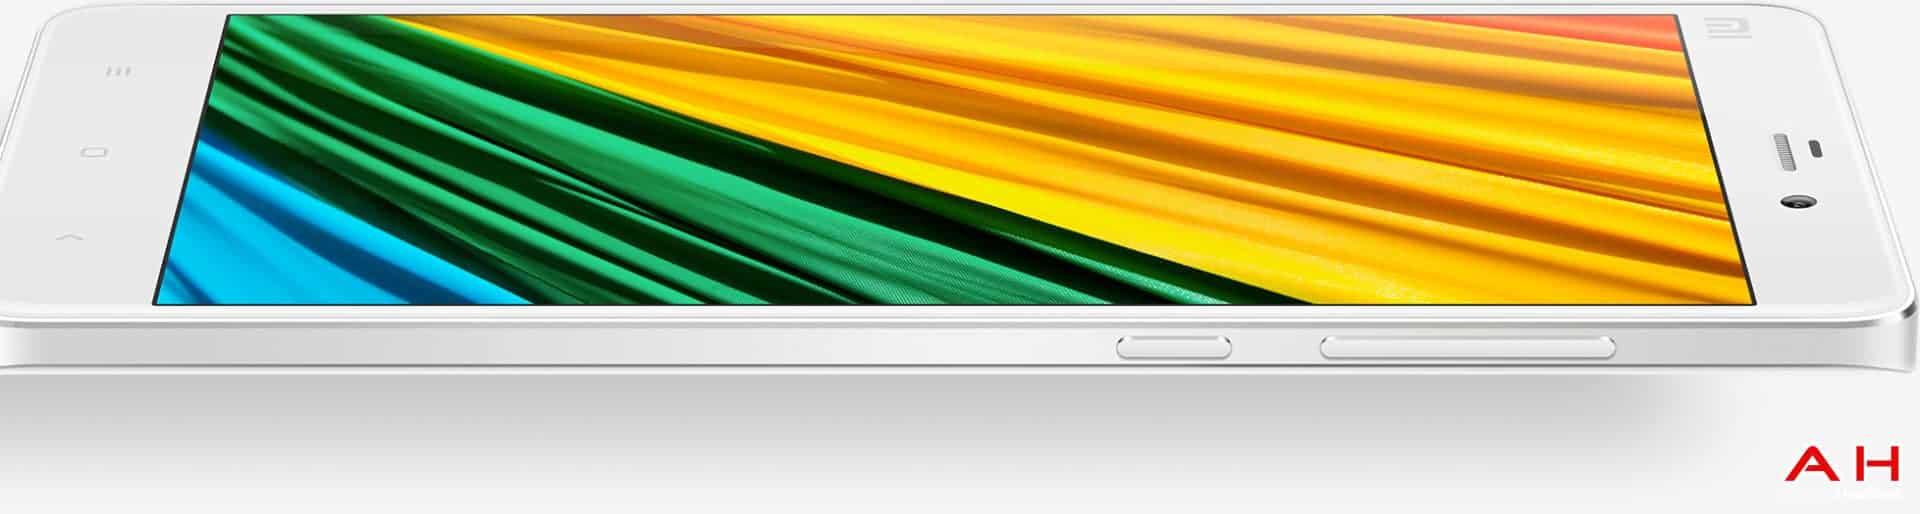 AH Xiaomi Note Press Images 35